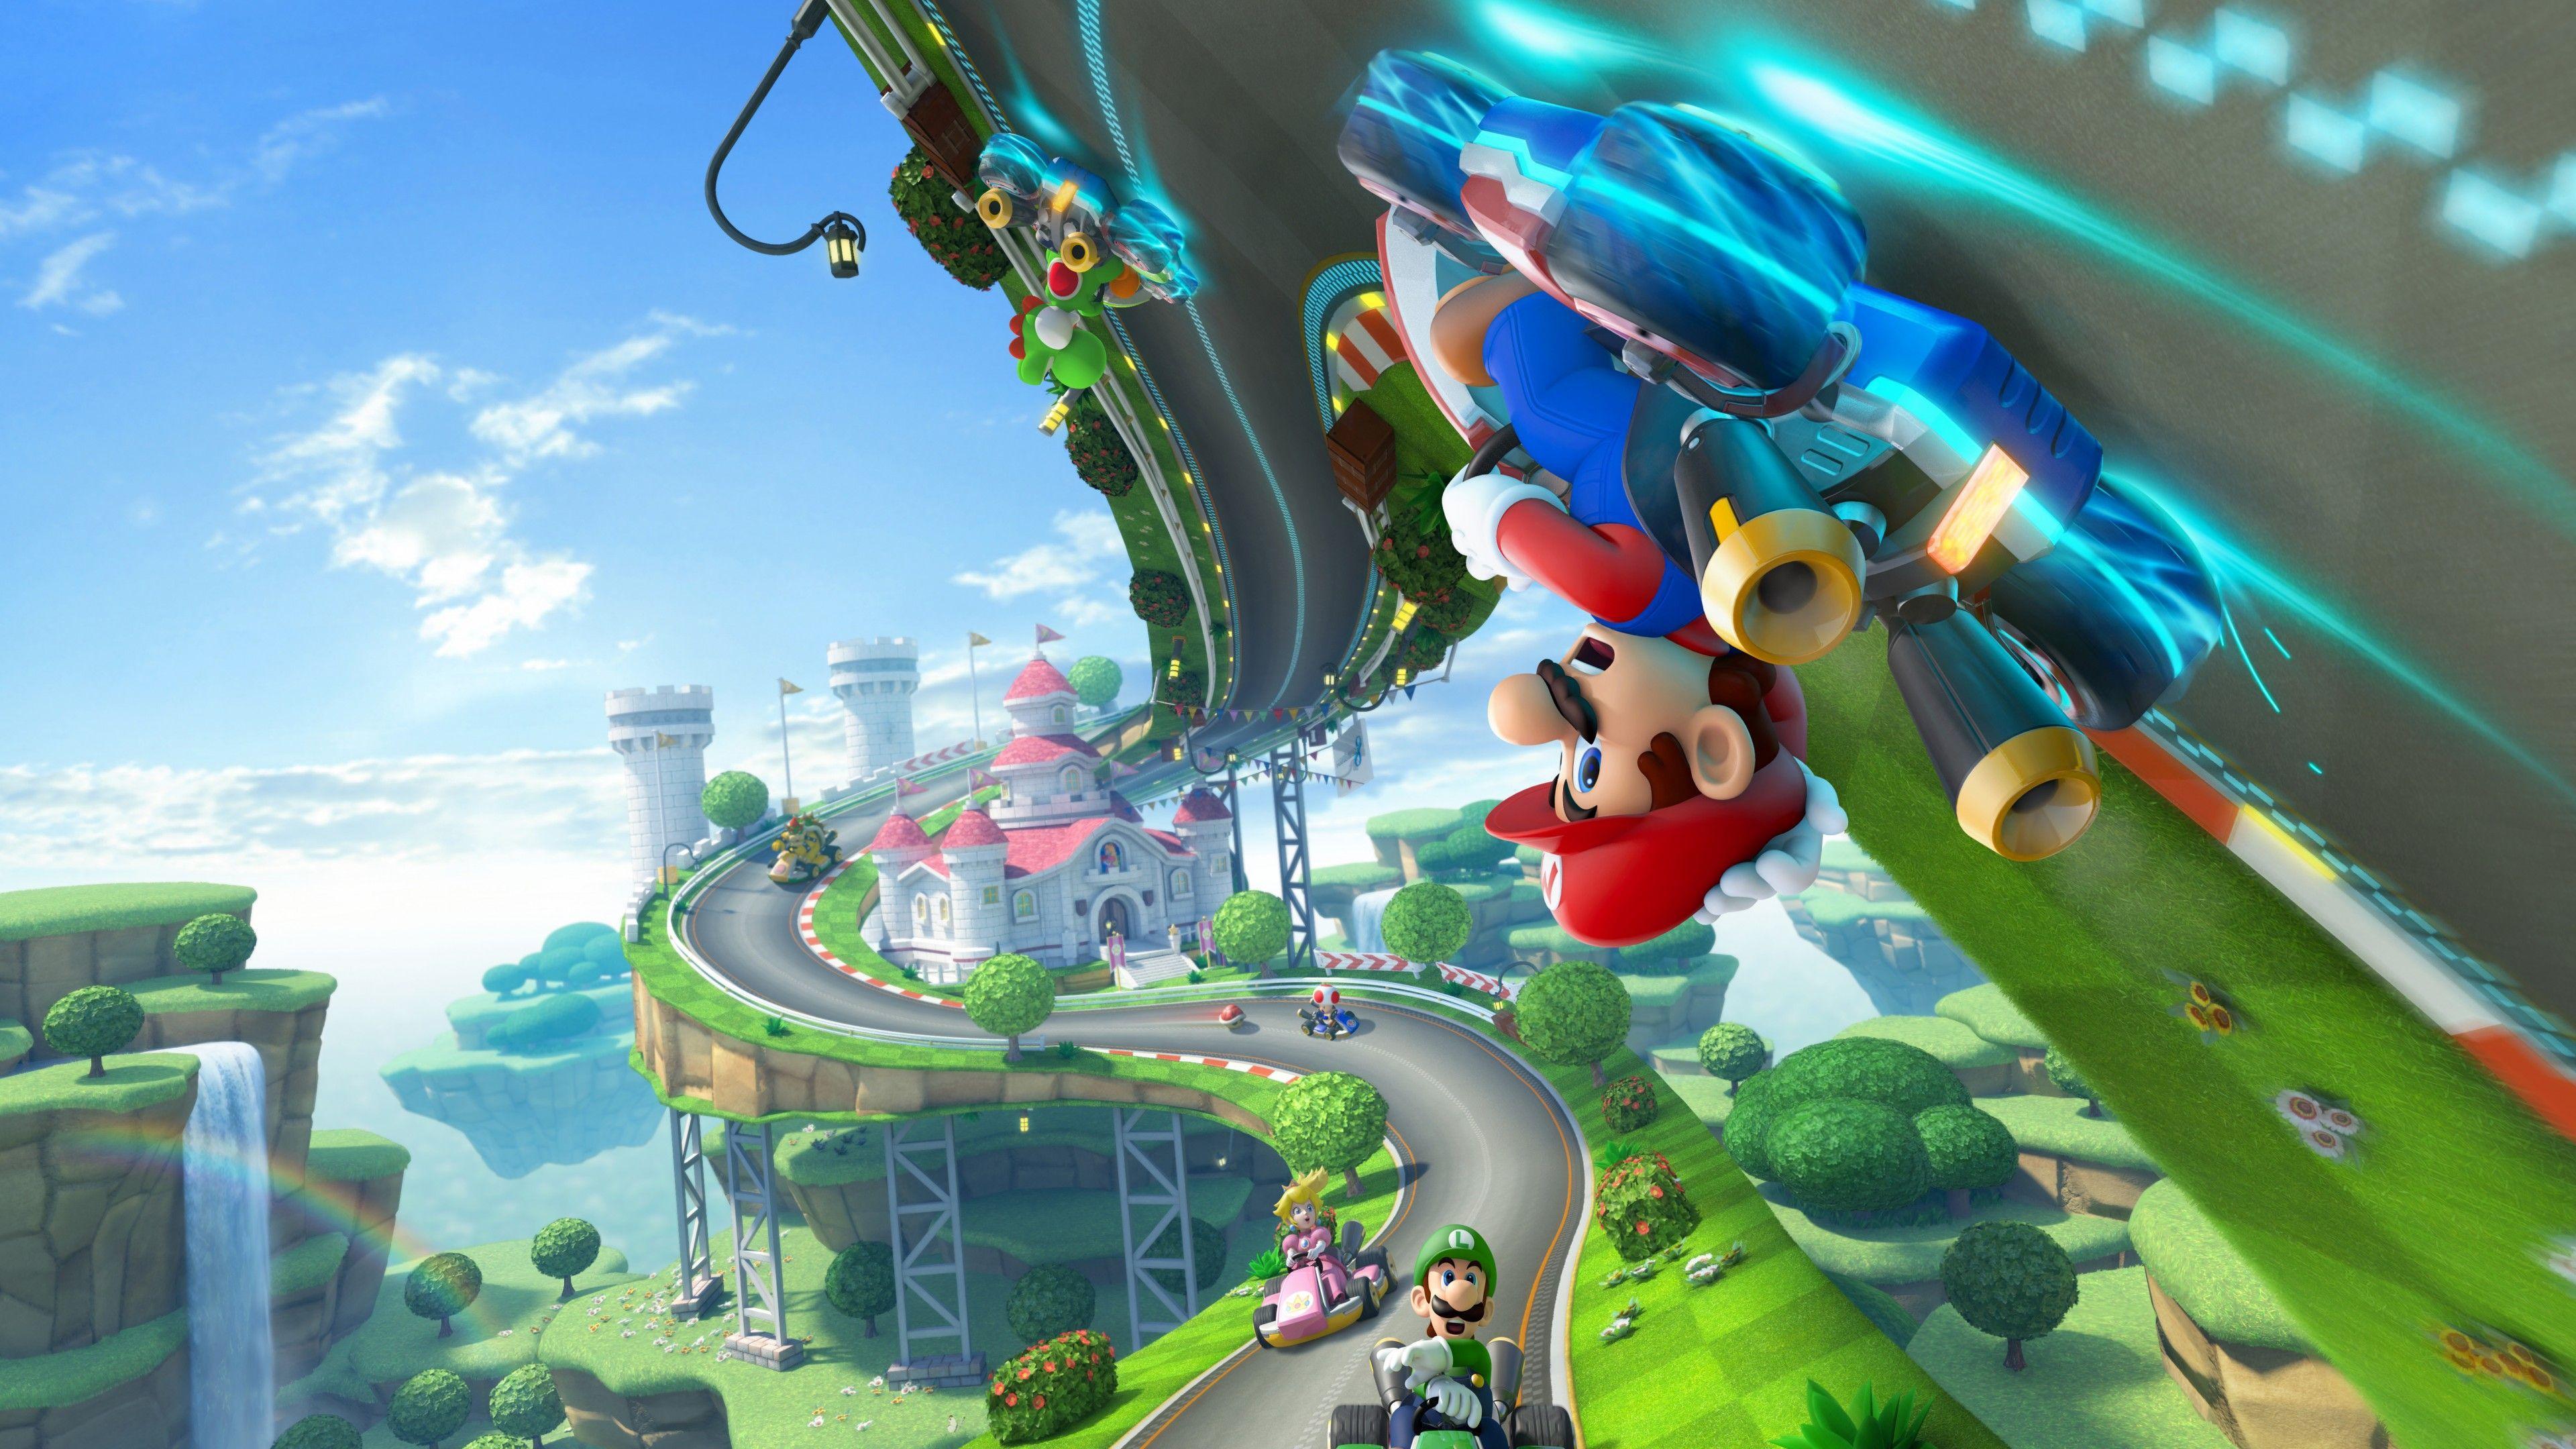 Nintendo 4k Wallpapers Top Free Nintendo 4k Backgrounds